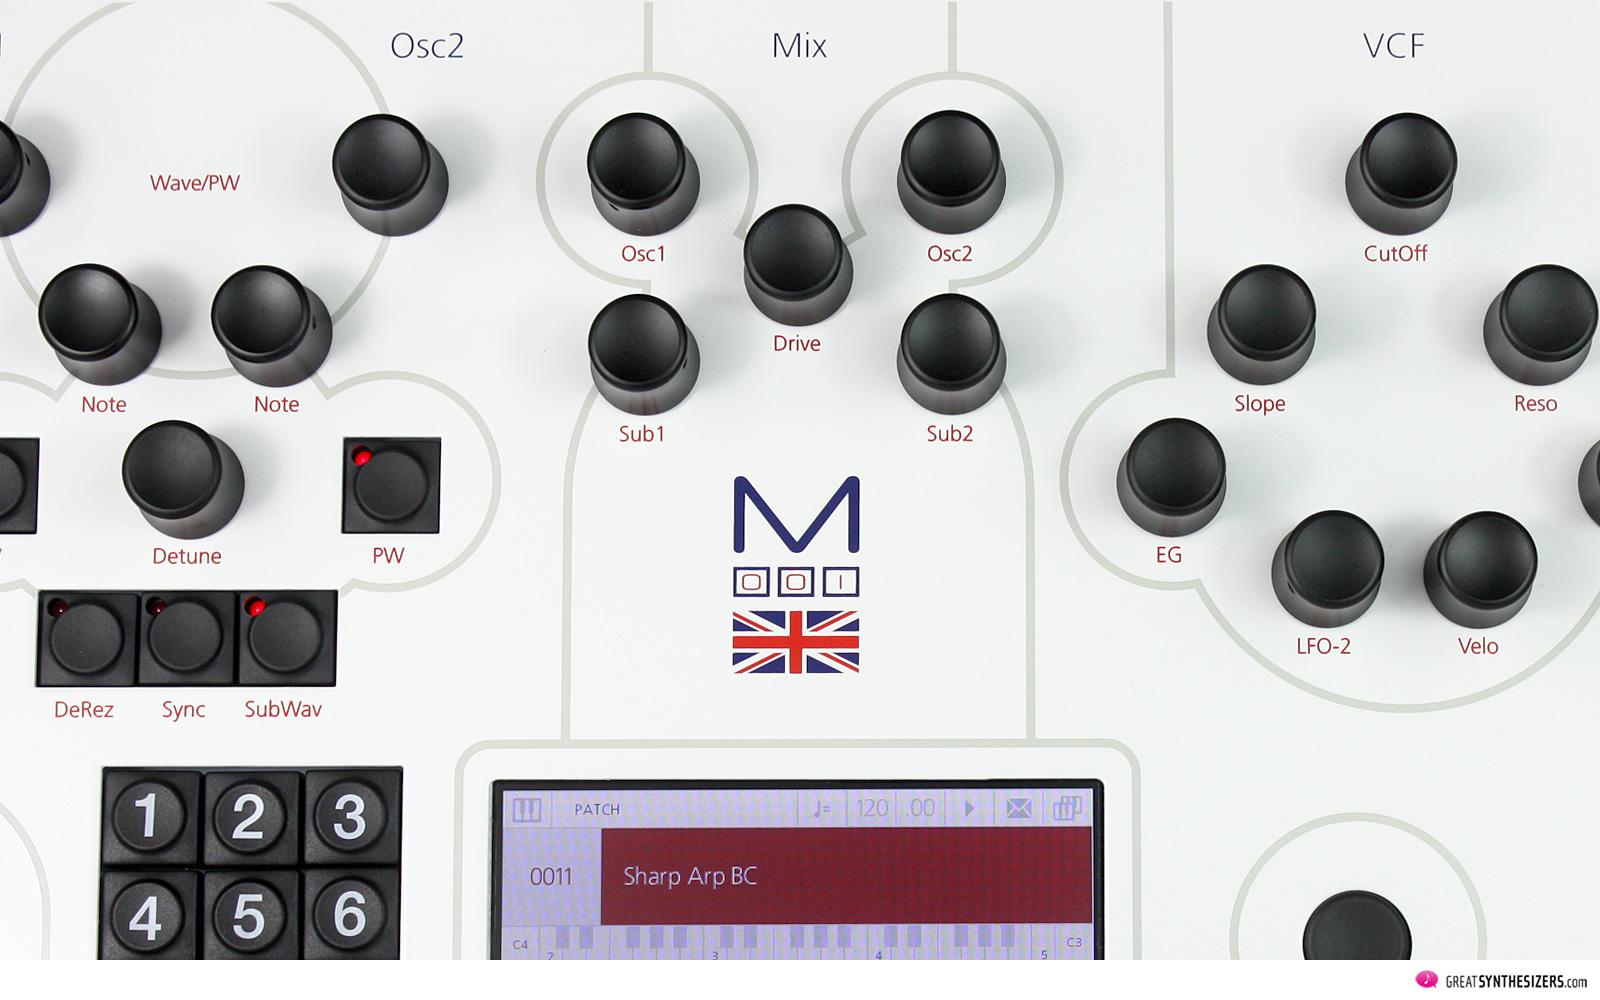 Modal ElectrModal Electronics 001 Synthesizeronics 001 Synthesizer